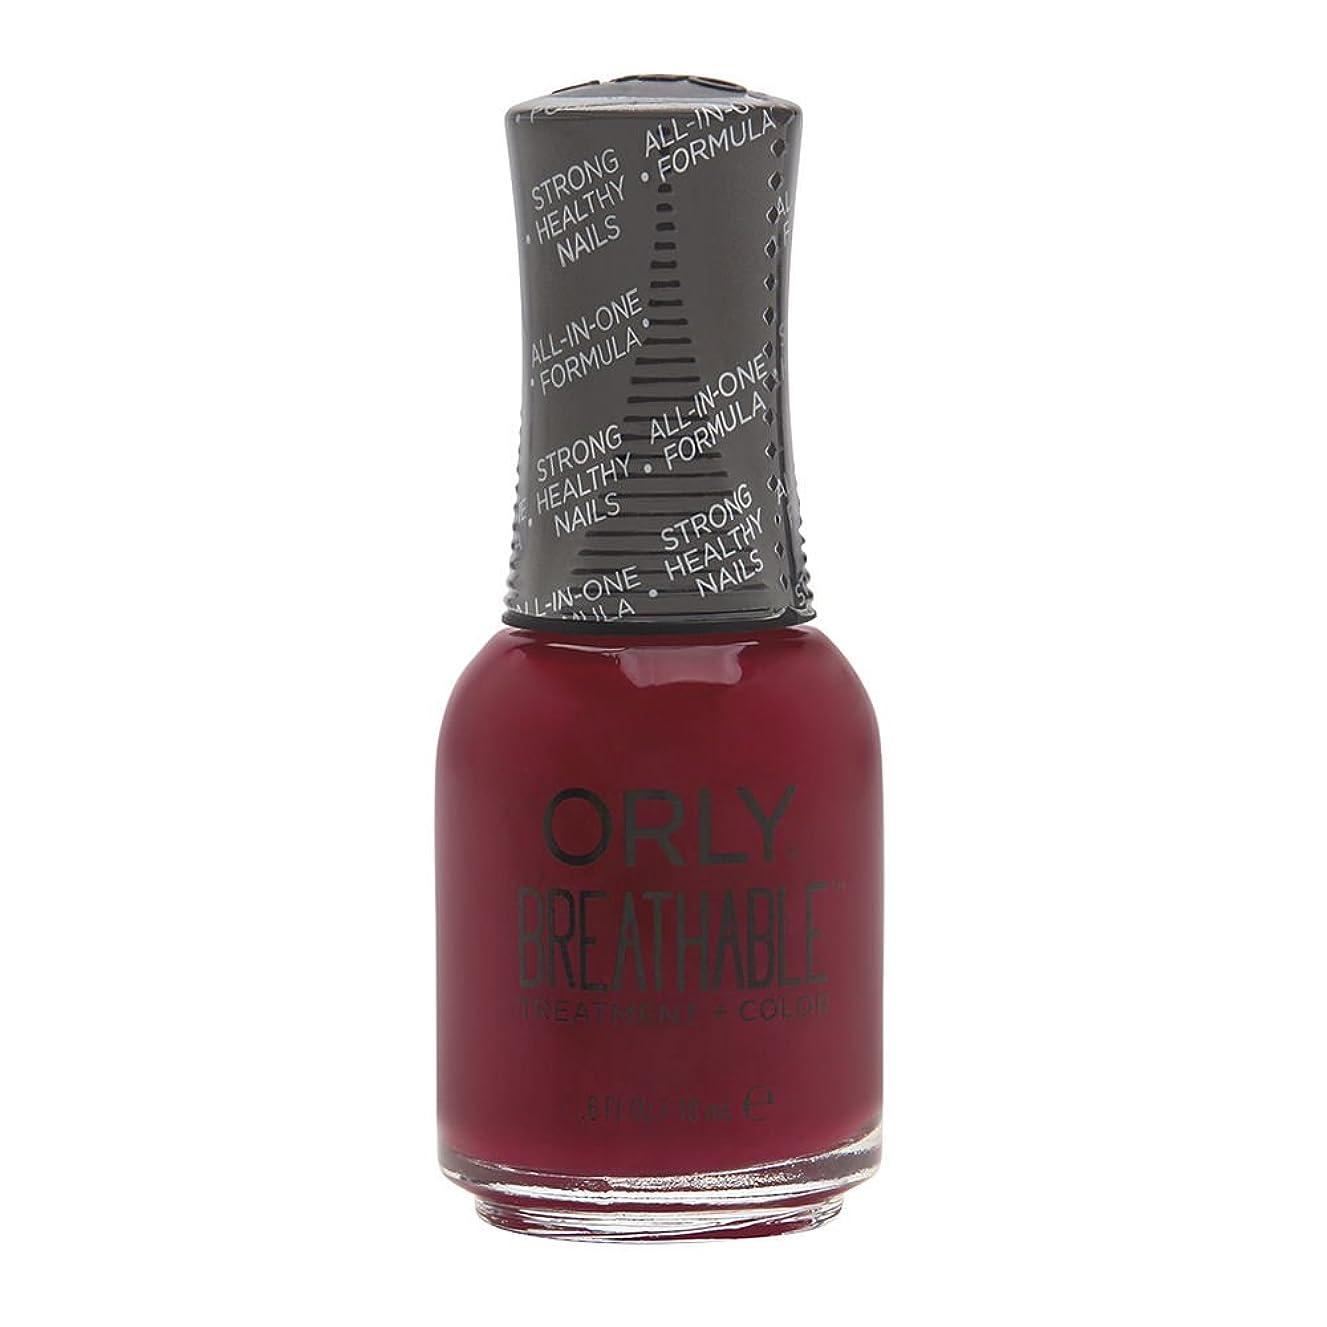 傾向がある用心深い解くOrly Breathable Treatment + Color Nail Lacquer - The Antidote - 0.6oz/18ml